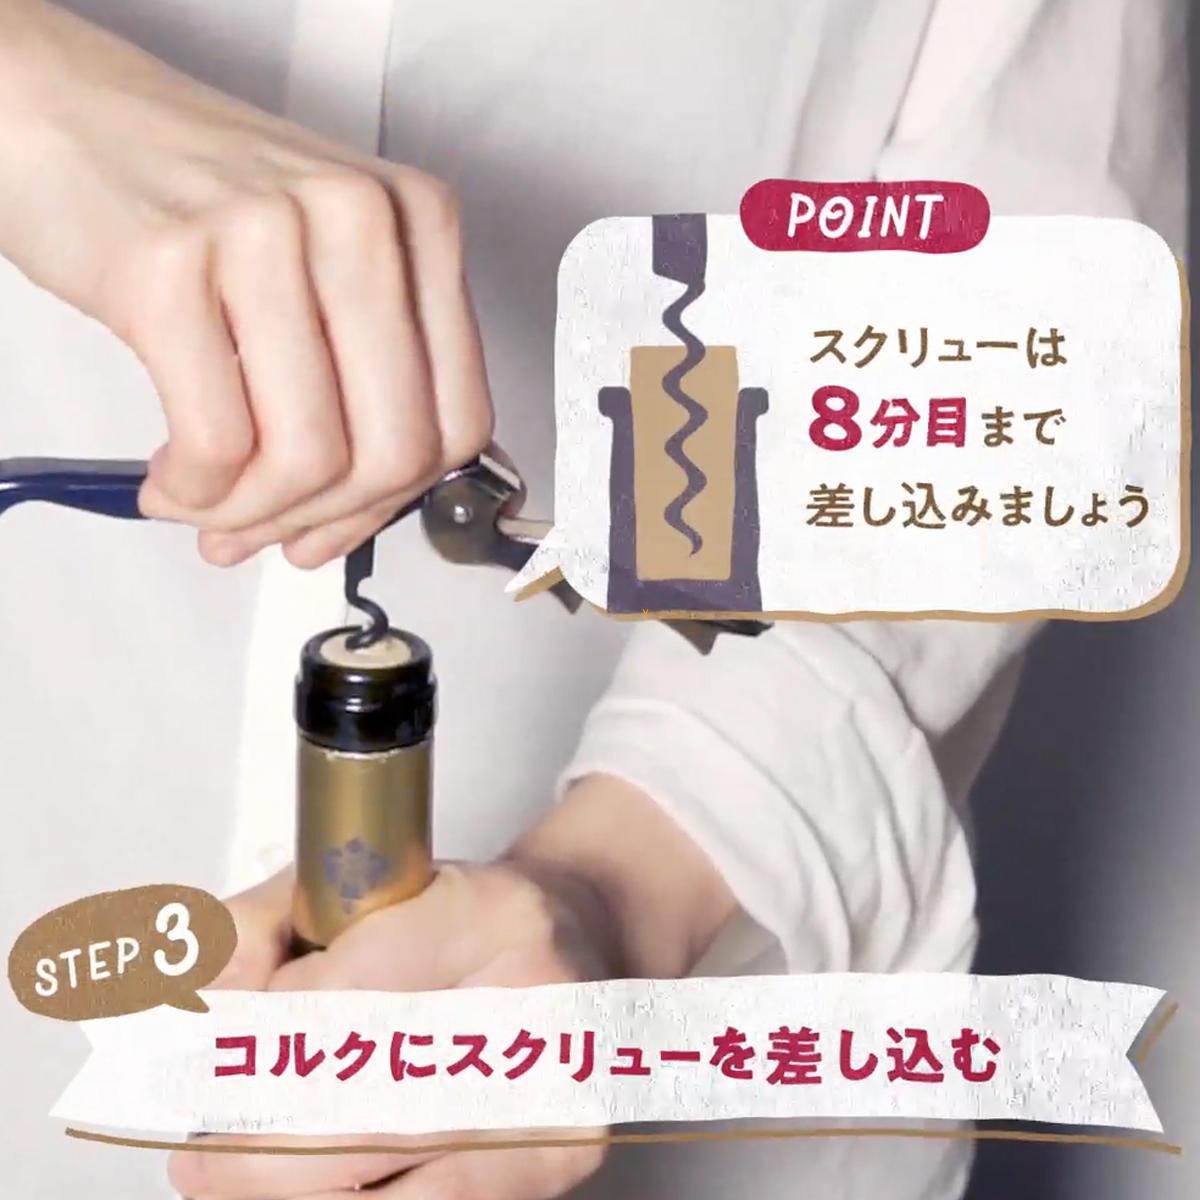 ソムリエナイフを使ったワインの開け方_STEP3